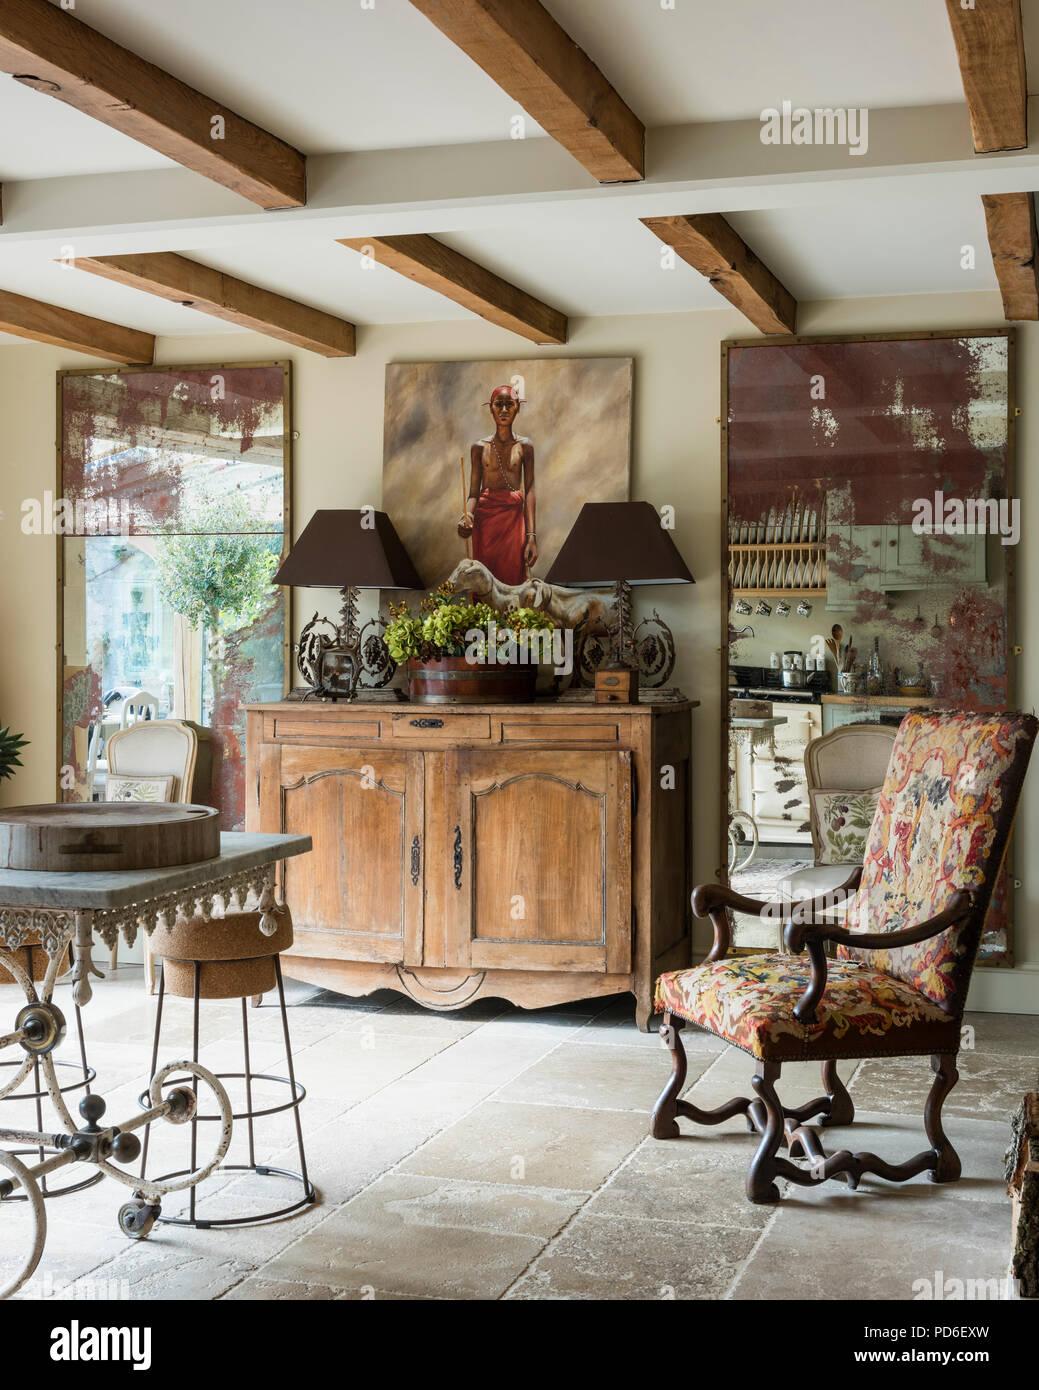 Sedia antica con specchi invecchiati e credenza in legno con lampade. Immagini Stock